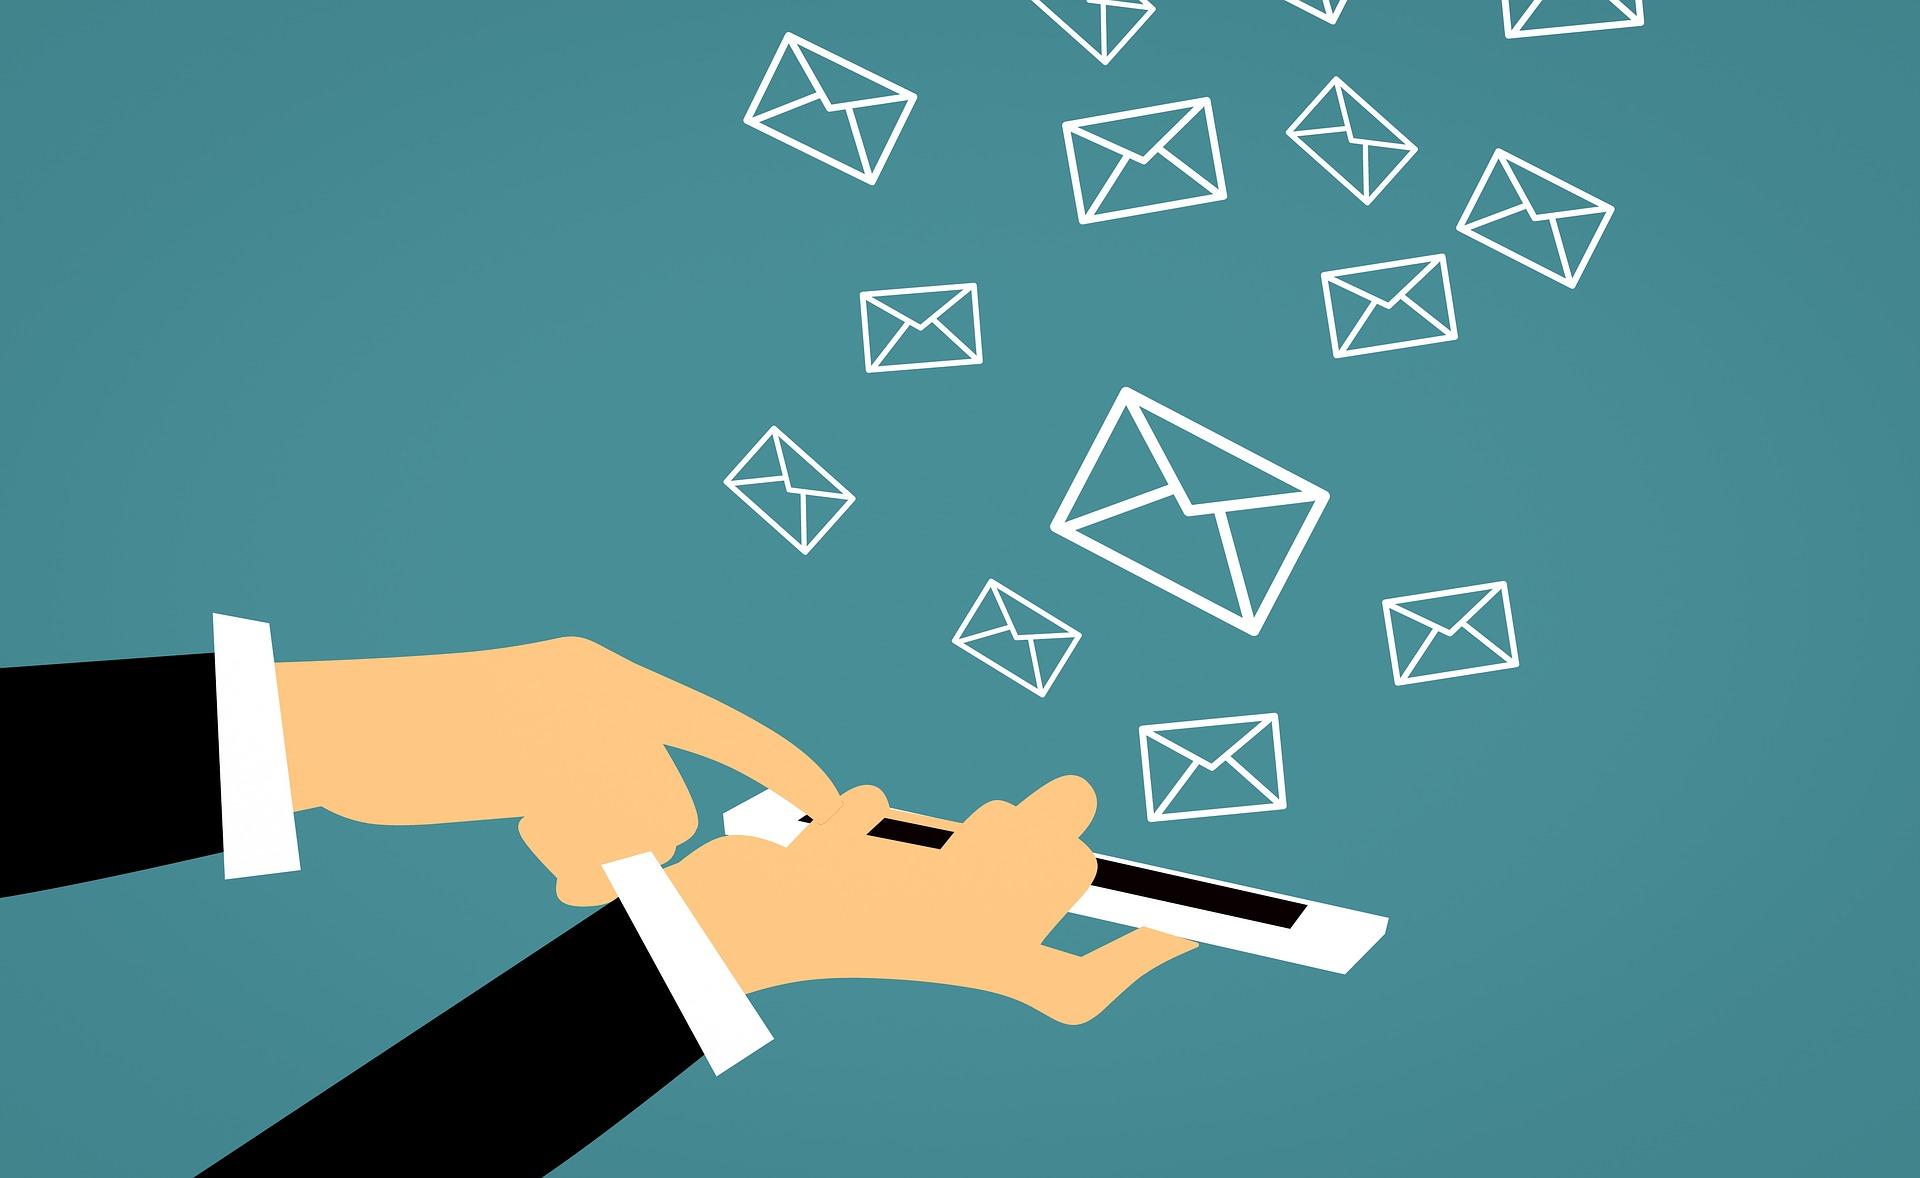 Inviare sms ai condomini direttamente dal software ReSys Condominio è facile, pratico ed economico: quali sono i costi?